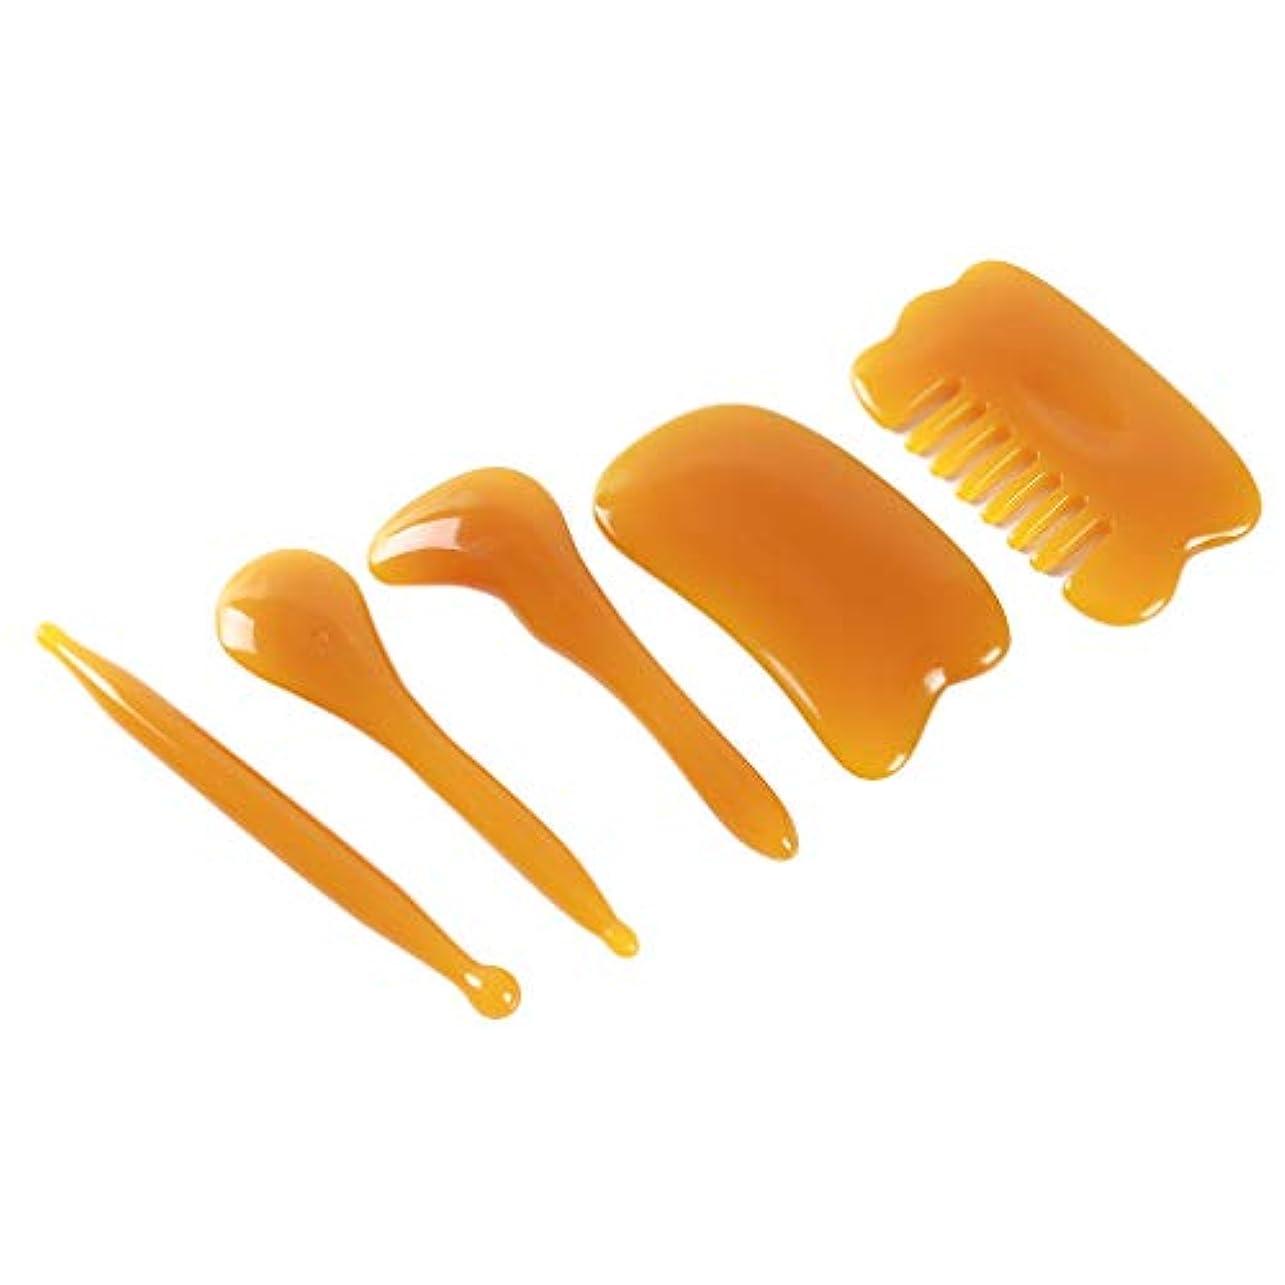 ルネッサンスソートサイトHonel カッサプレート こする櫛 頭部のマッサージ こするプレート 手動 スパ マッサージツール カッサ板 カッサマッサージ道具 5ピース